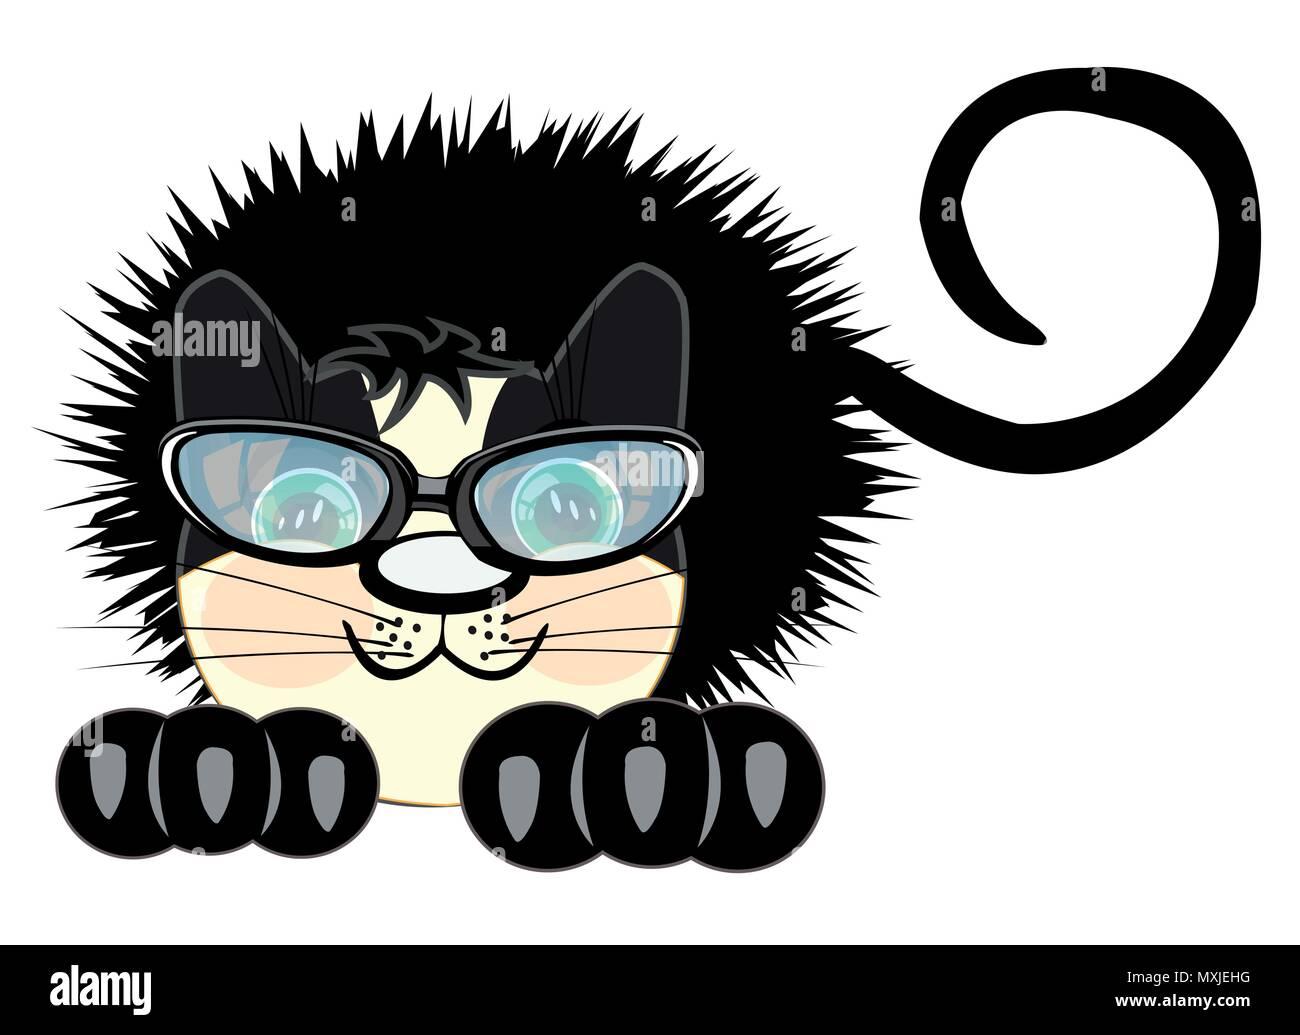 Ruffled black cat - Stock Vector